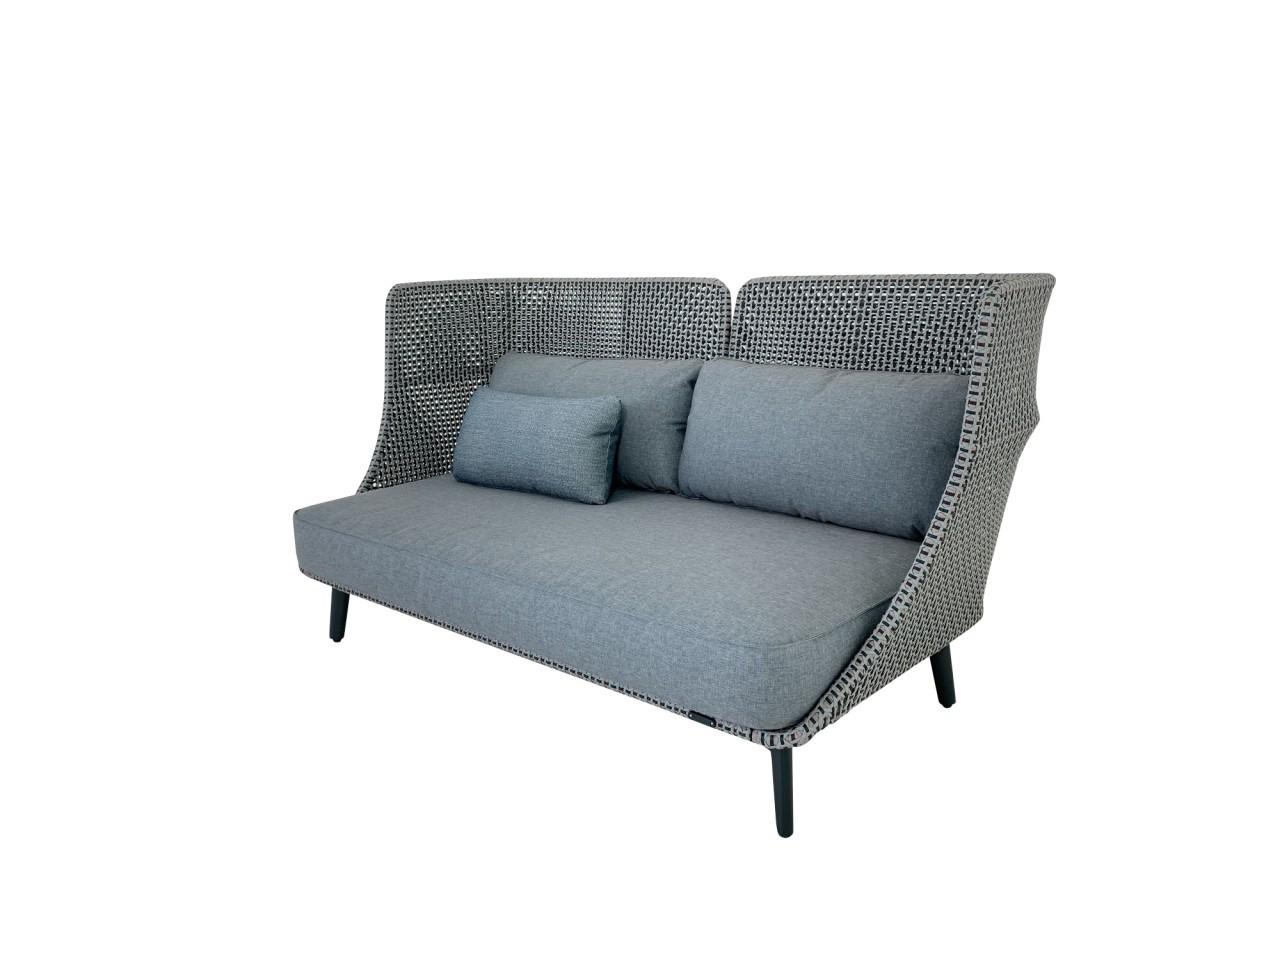 DEDON MBARQ HIGH BACKREST Sofa 3 mit hoher Rückenlehne in baltic und Kissenset in dark turquoise